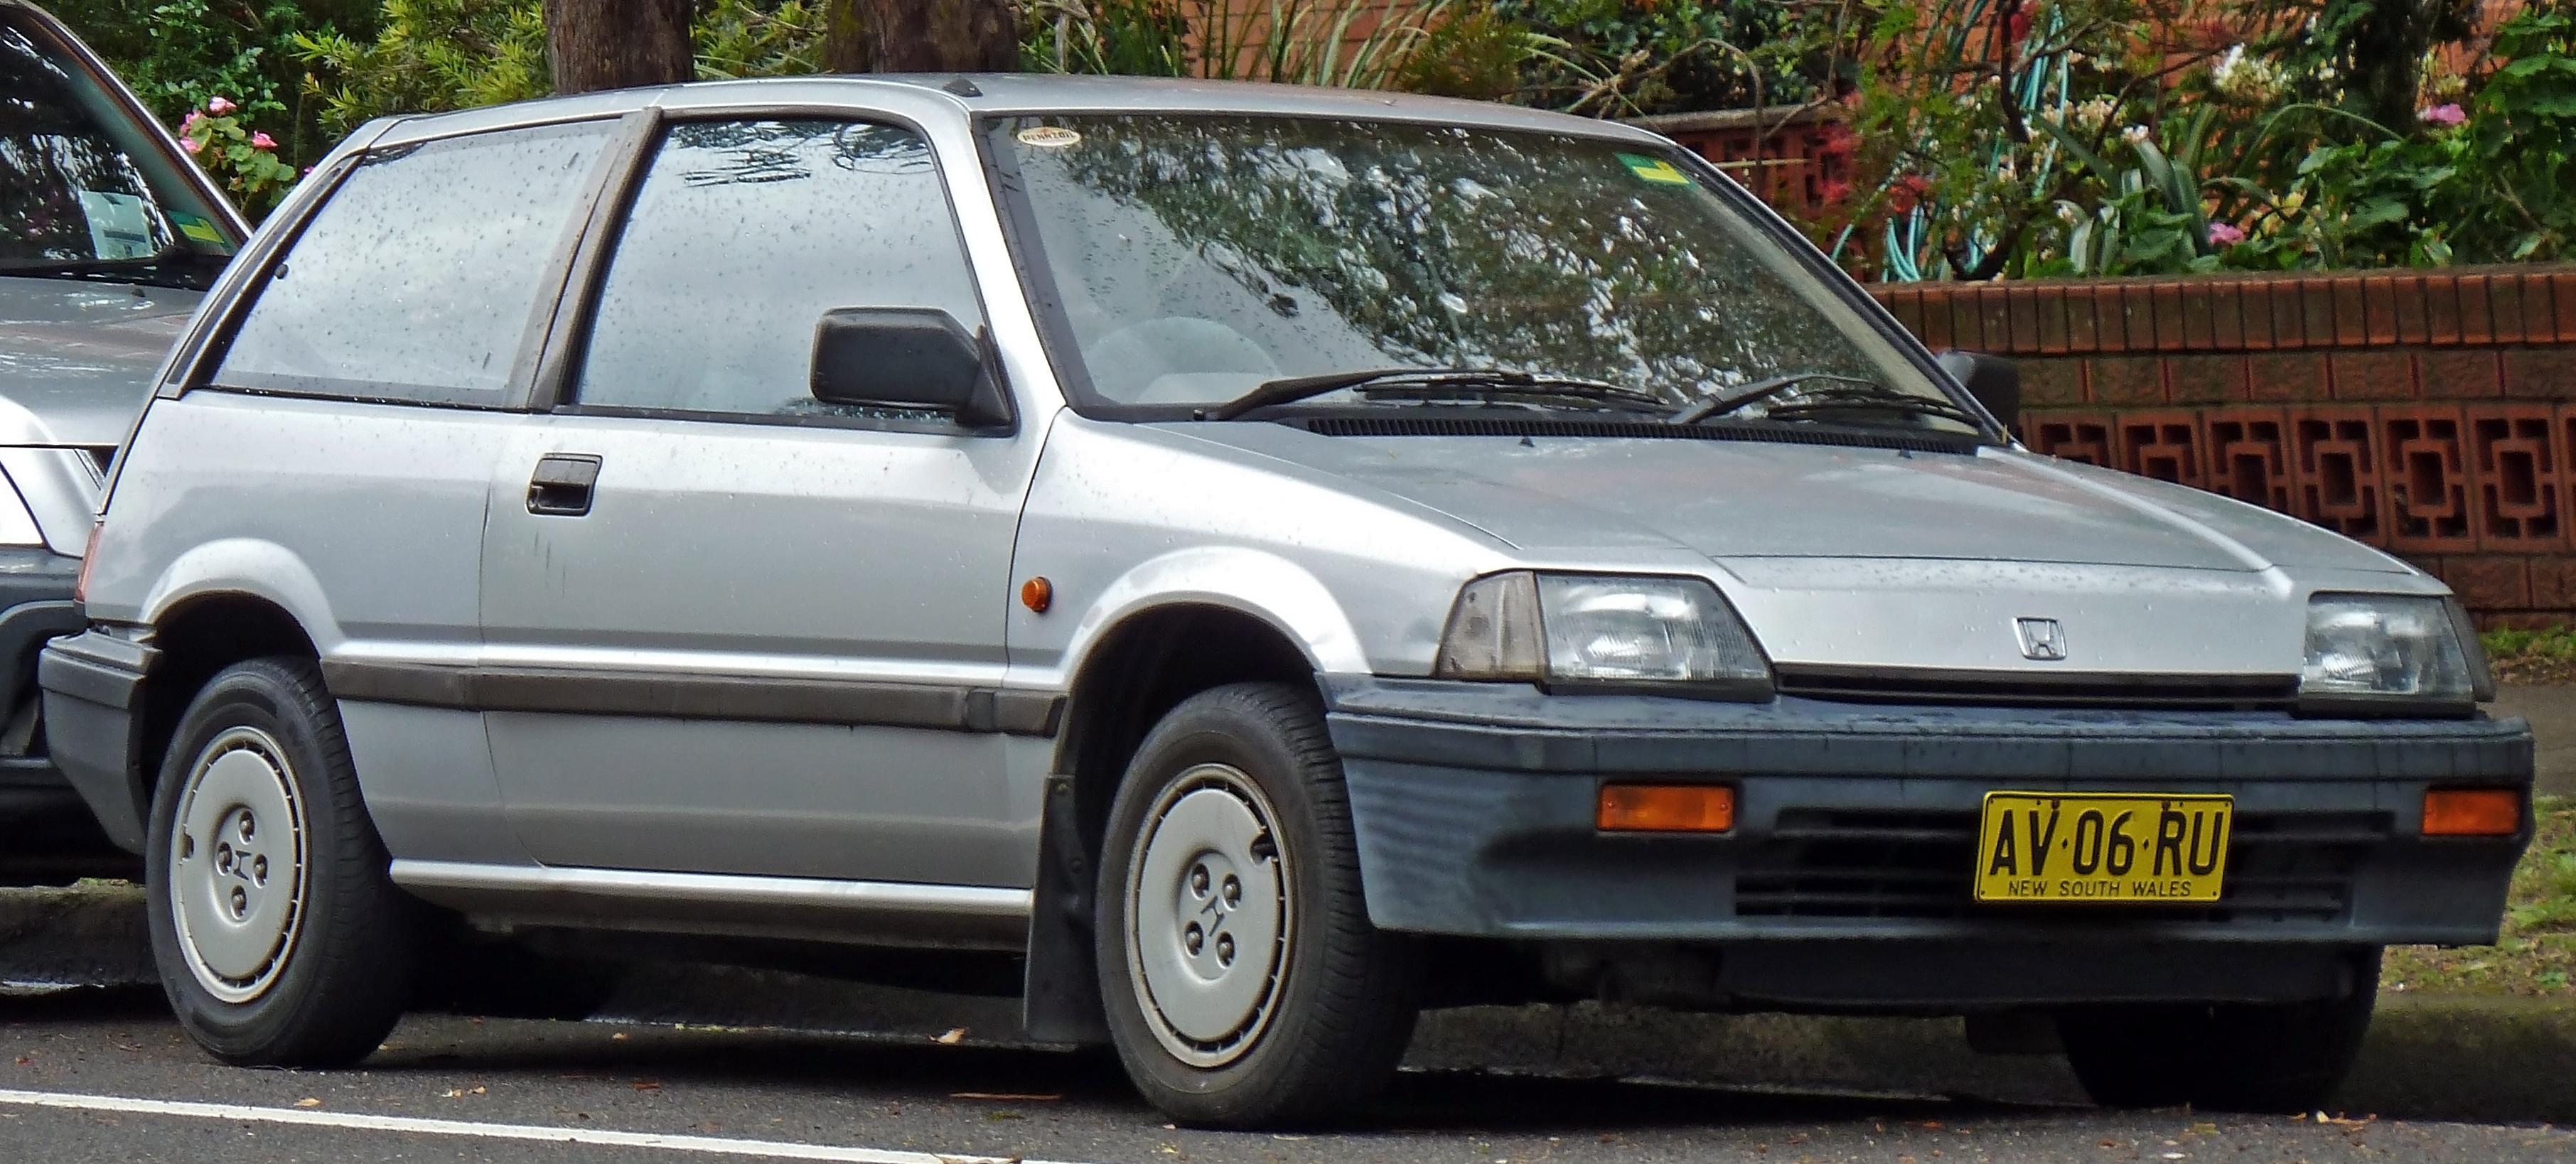 File:1987 Honda Civic (AH) GL hatchback (2010-10-02).jpg - Wikimedia Commons